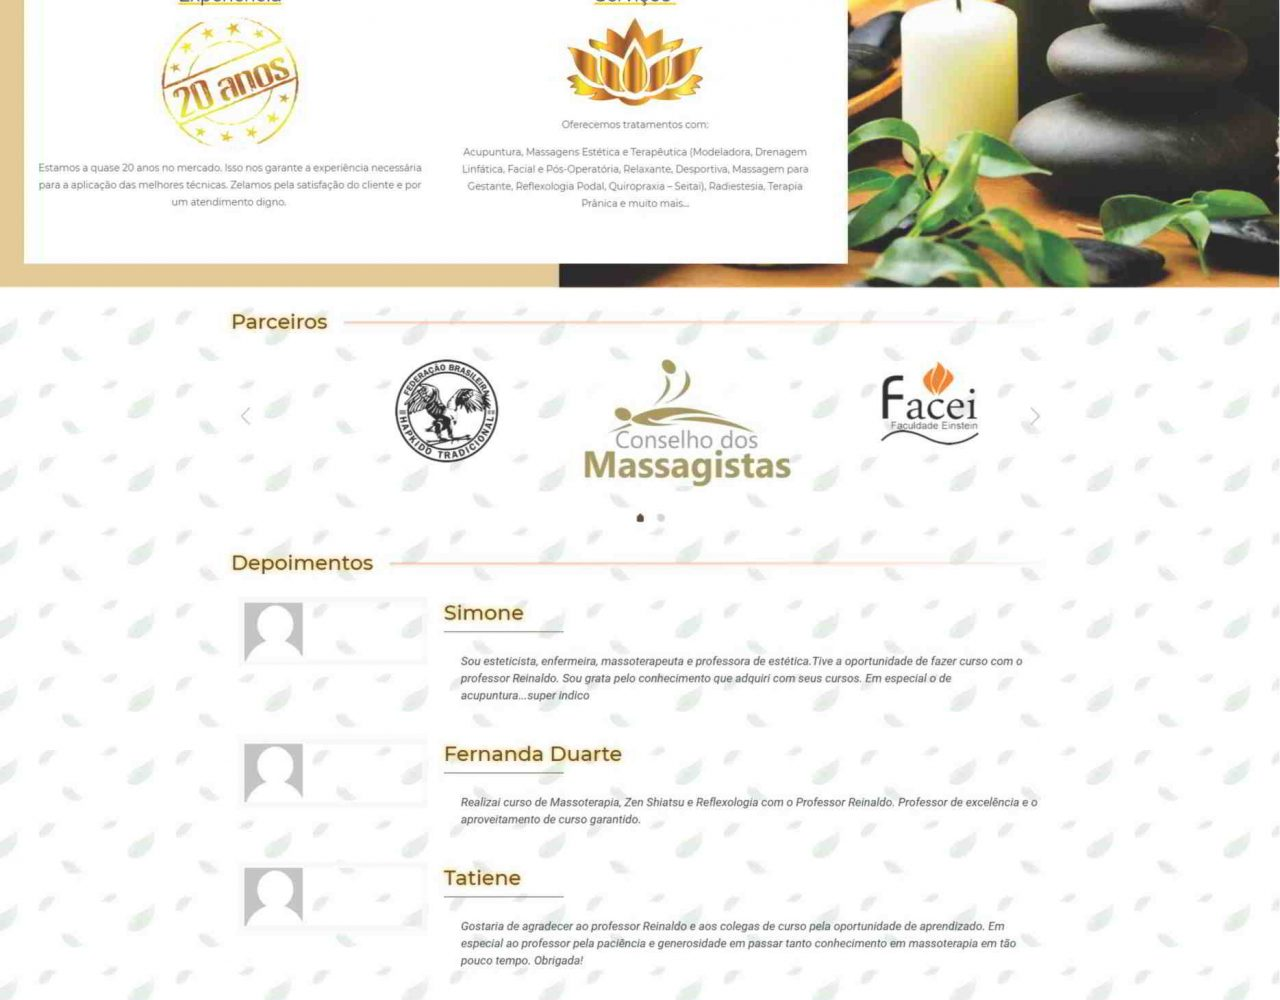 Desenvolvimento de site em São Paulo para a Clinica de Acupuntura e Massoterapia Clinterapia